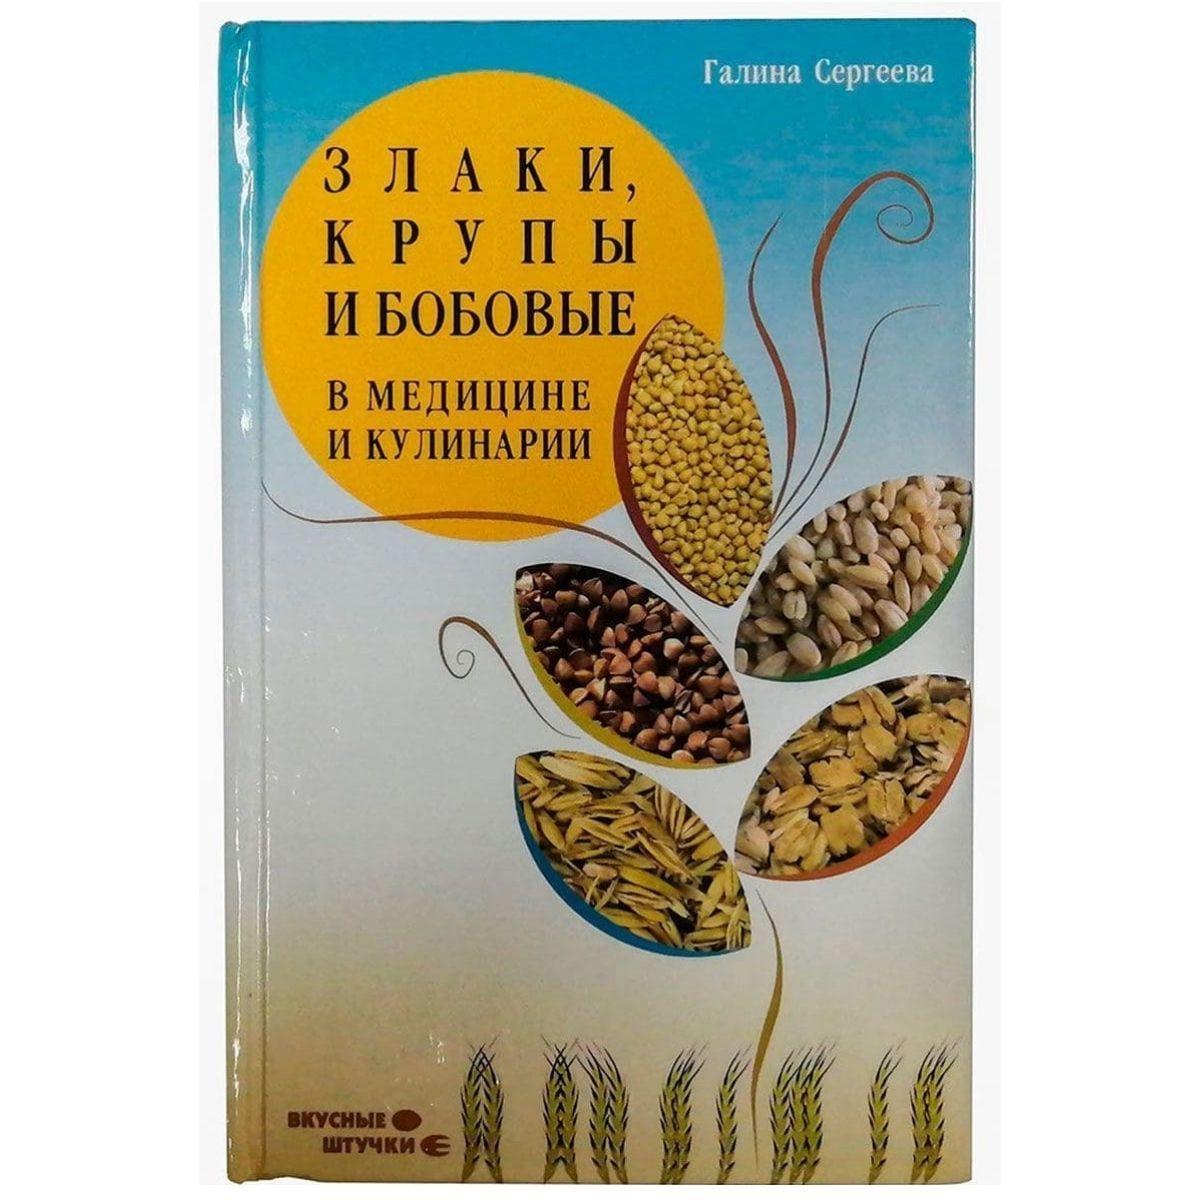 «Злаки, крупы и бобовые в медицине и кулинарии» Сергеева Галина